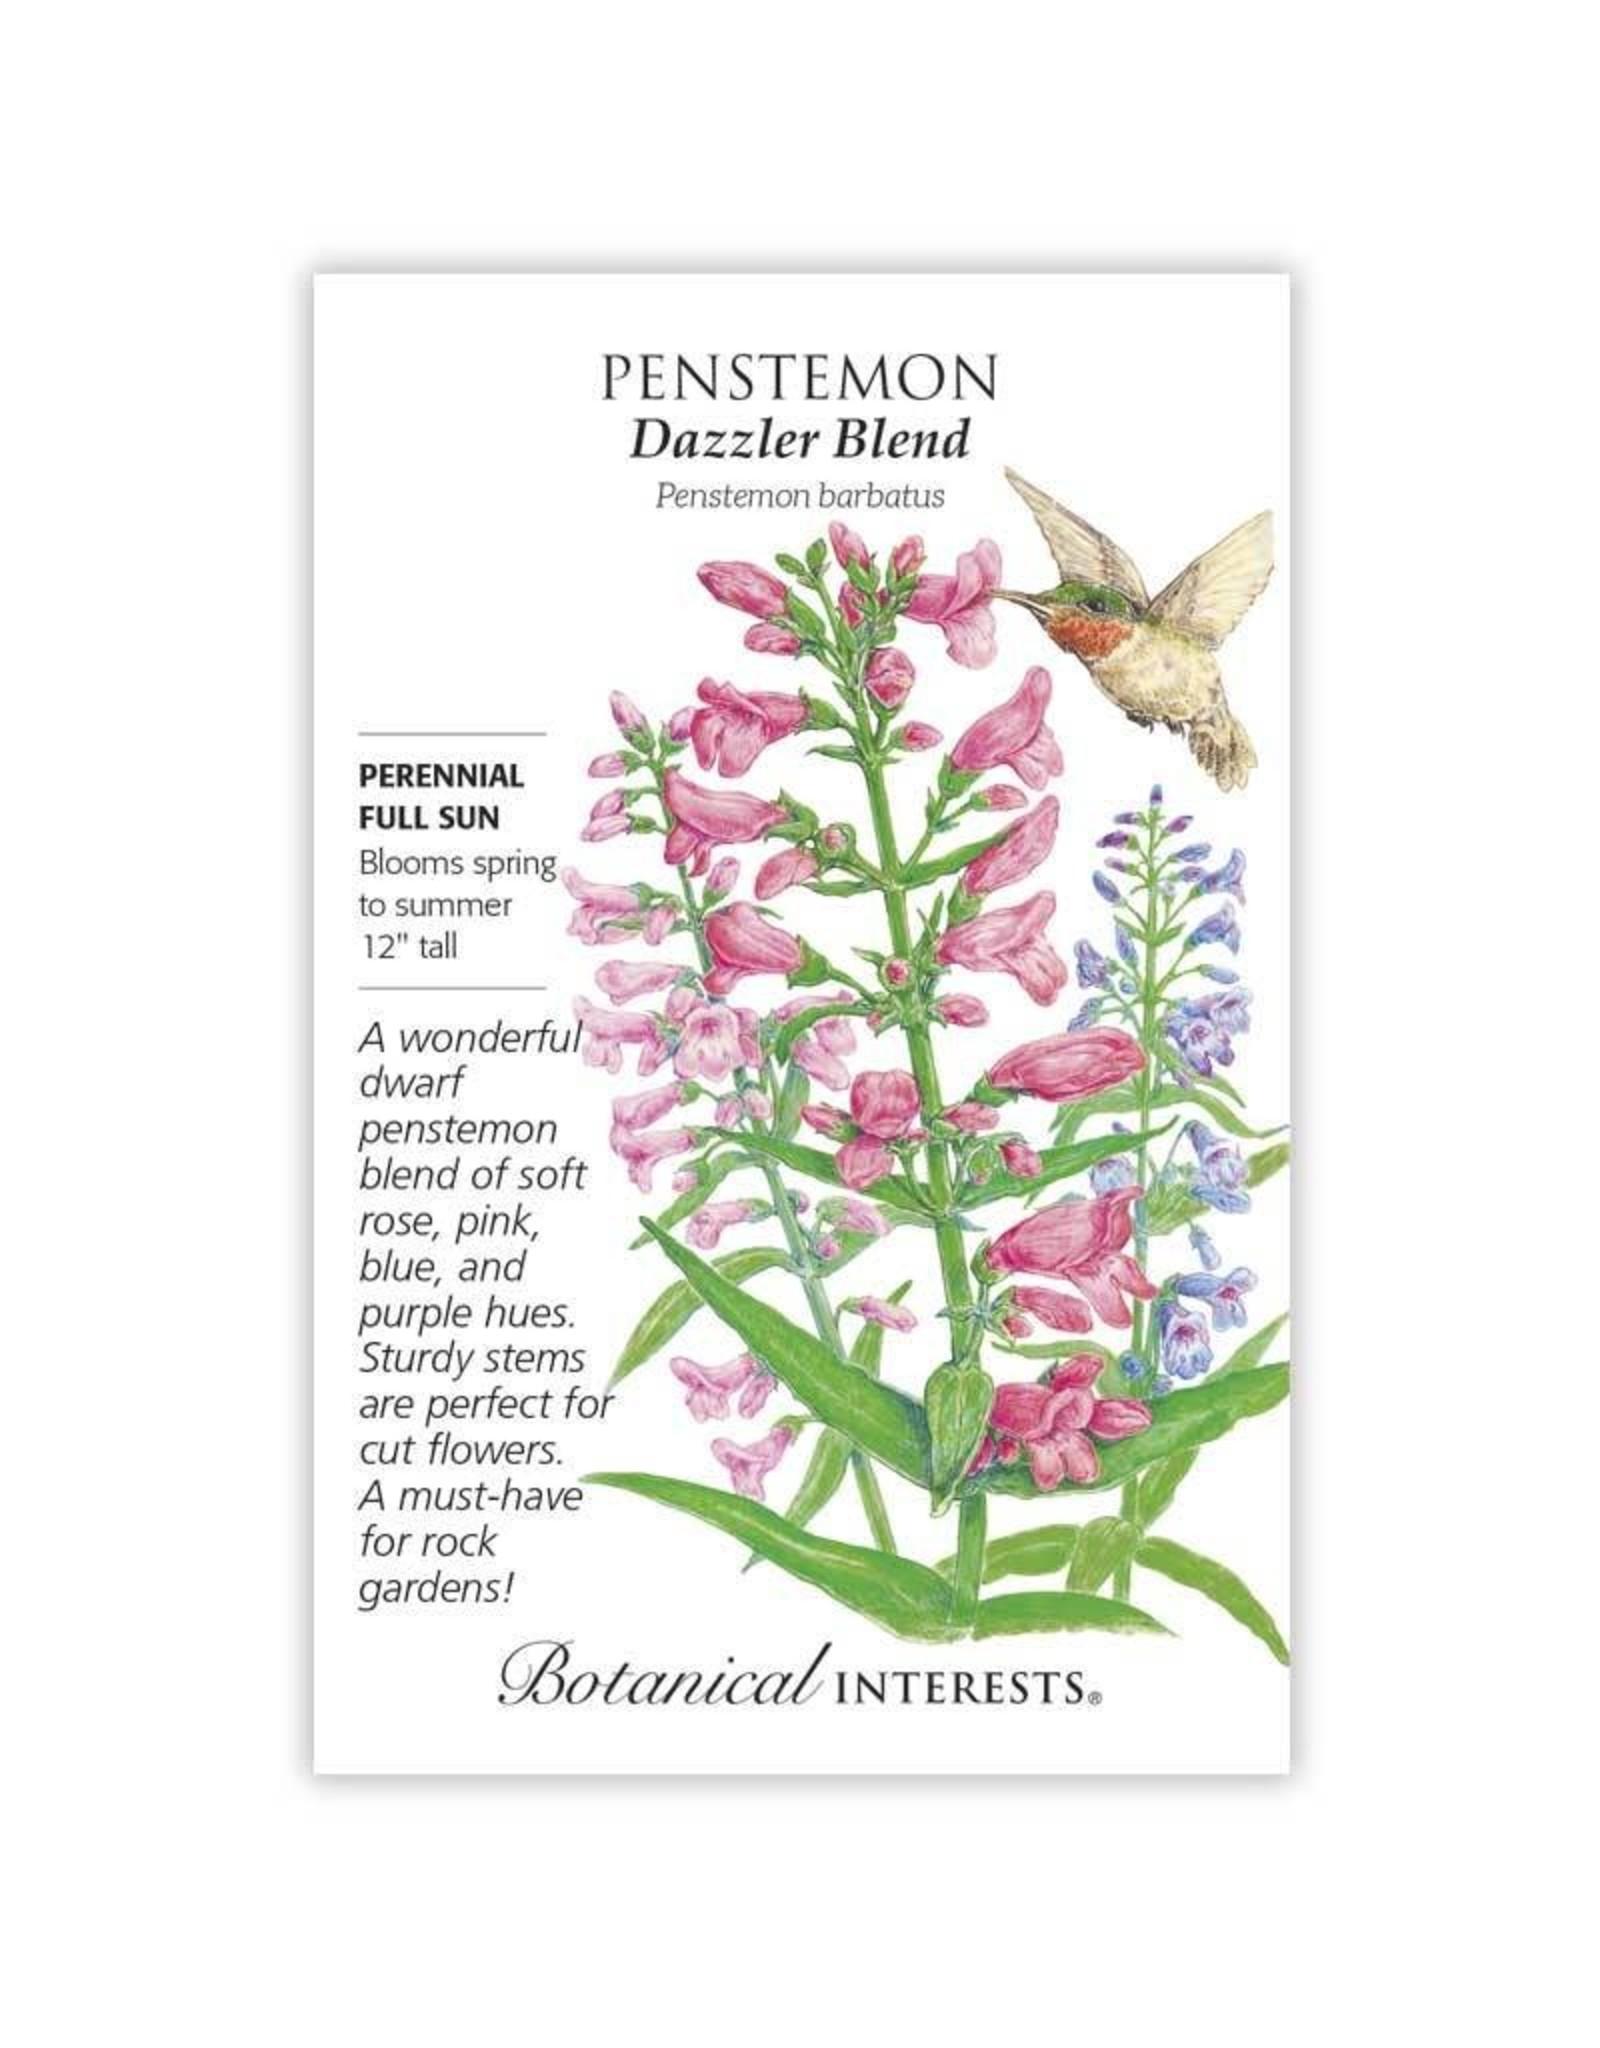 Seeds - Penstemon Dazzler Blend